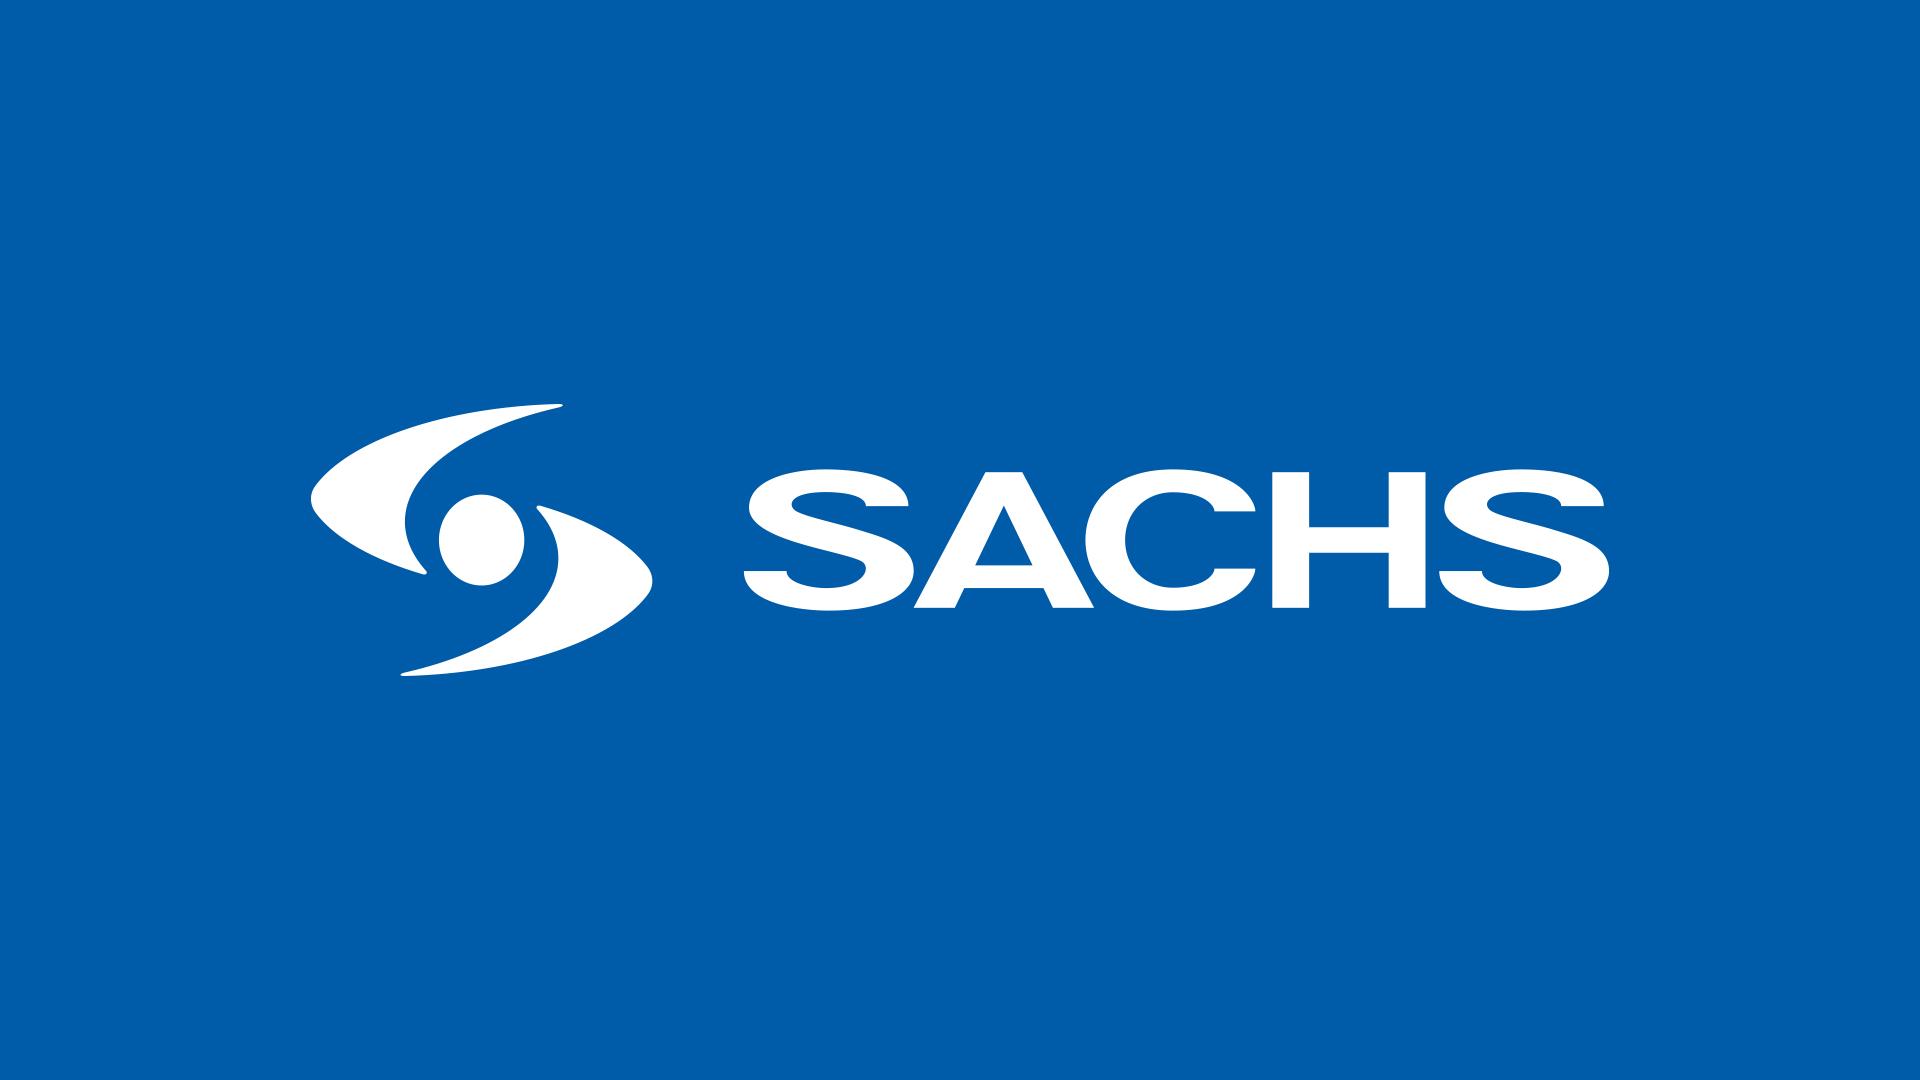 Sachs-bg